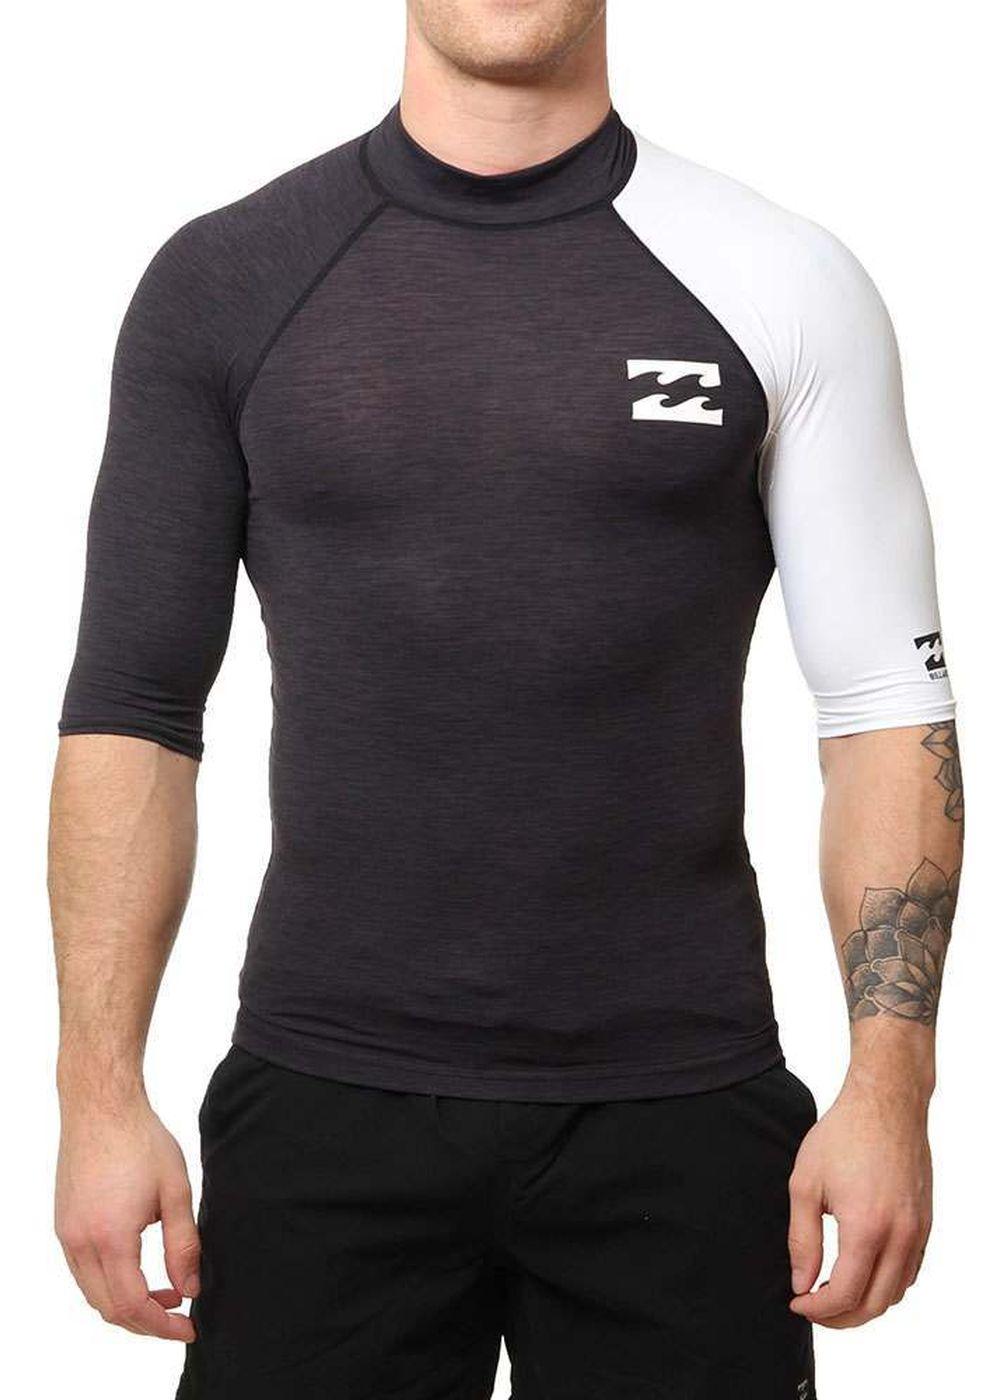 Billabong Contrast Short Sleeve Rash Vest Black Picture